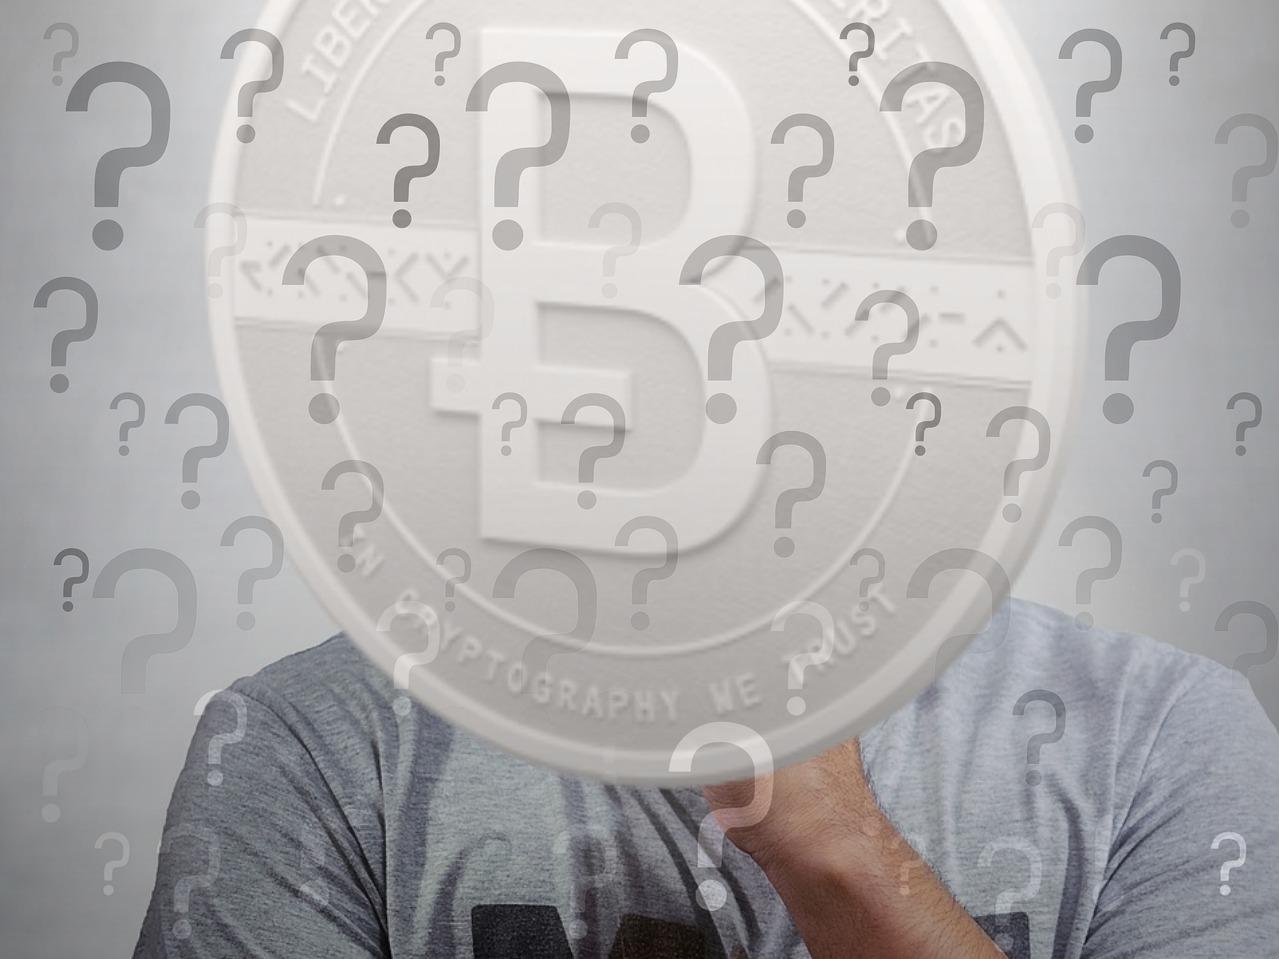 ฿ vs Ƀ: The BTC Symbols Battle